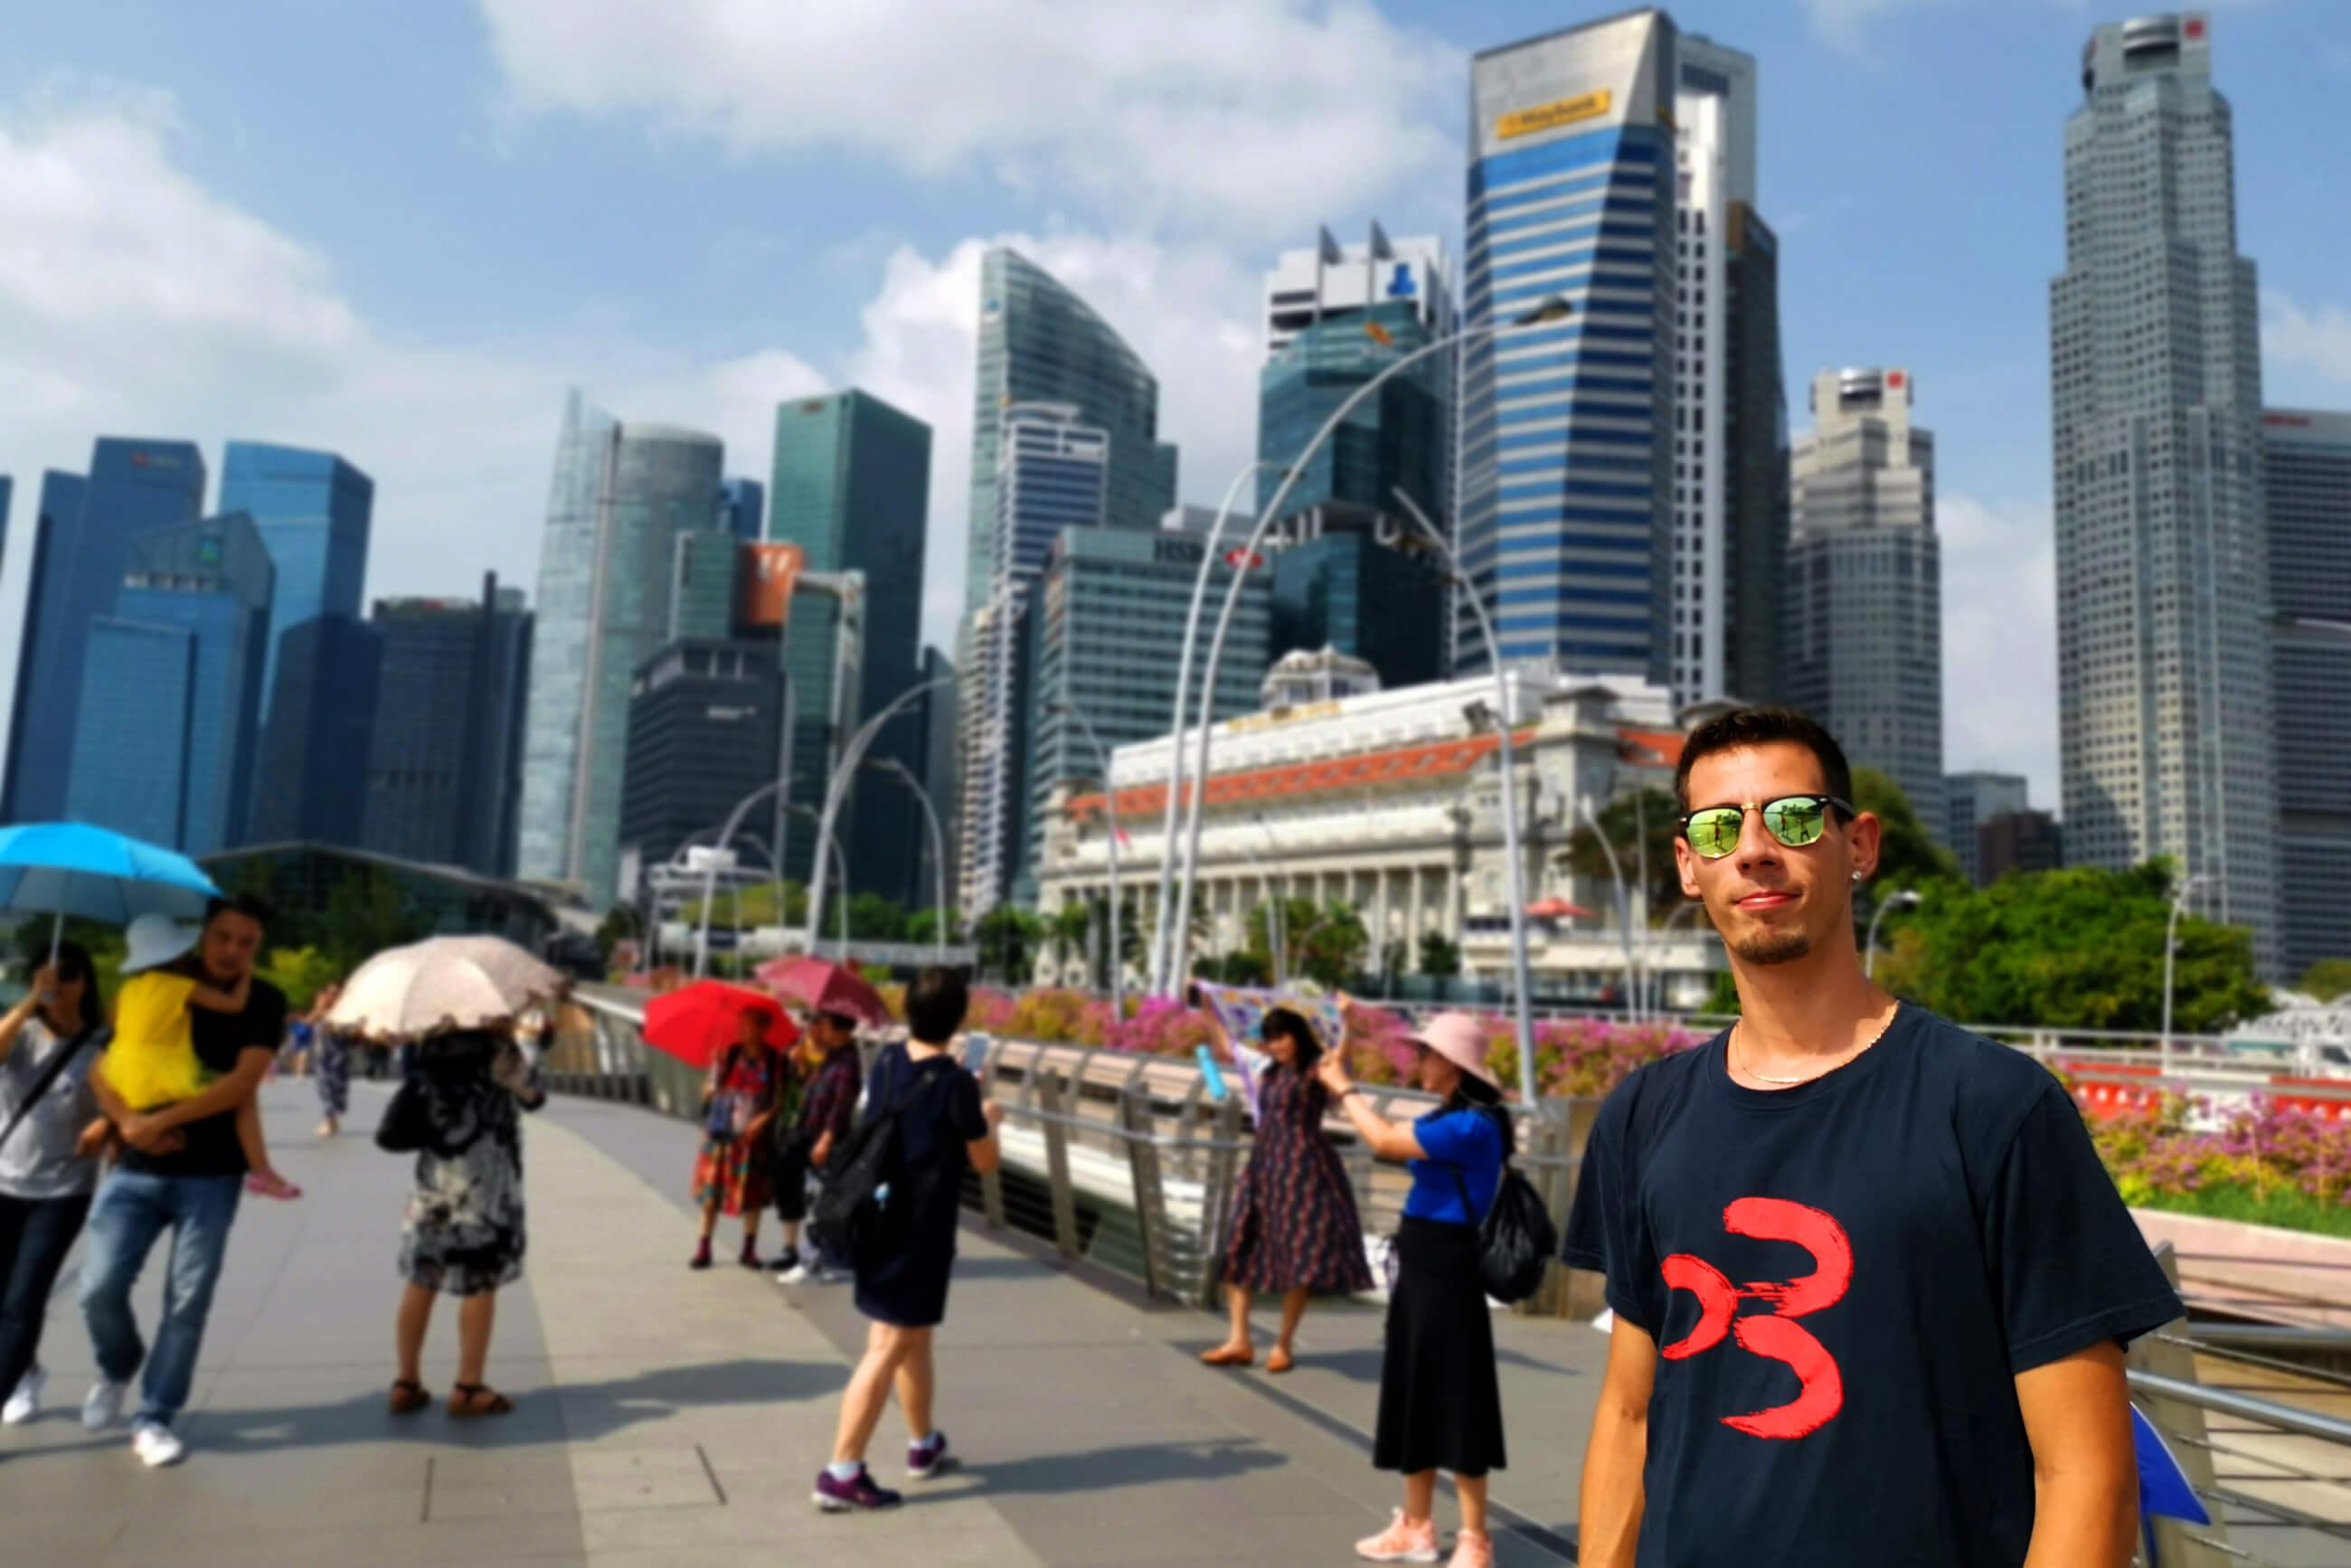 https://bubo.sk/uploads/galleries/7468/jozefmartinasek_singapur_3.jpg